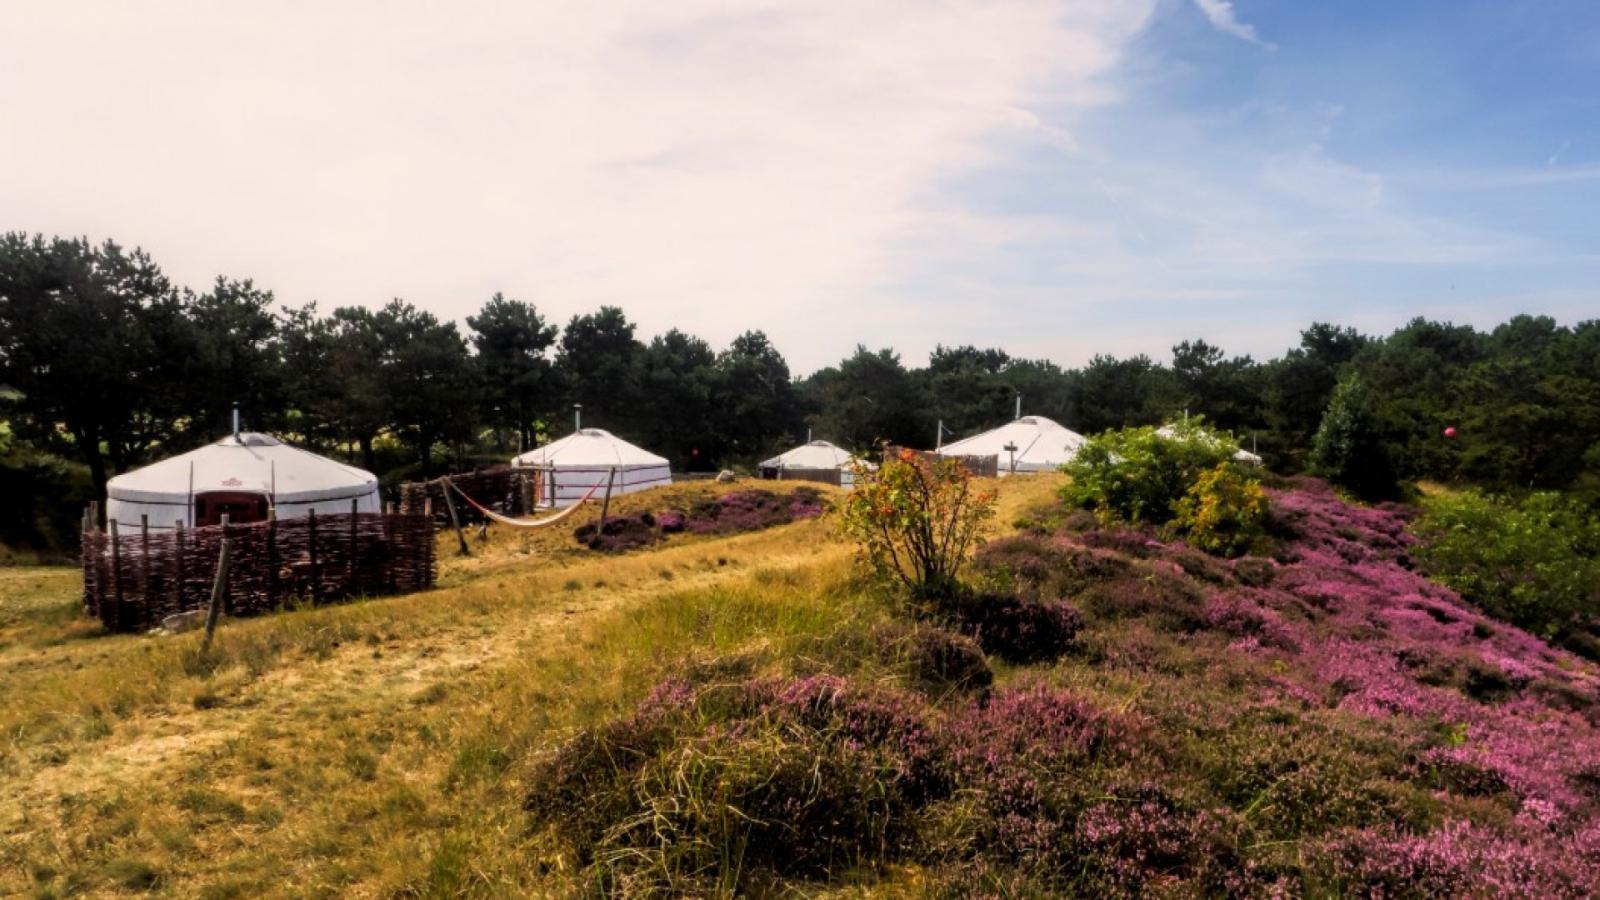 Supertrips - Bijzonder overnachten in een yurt